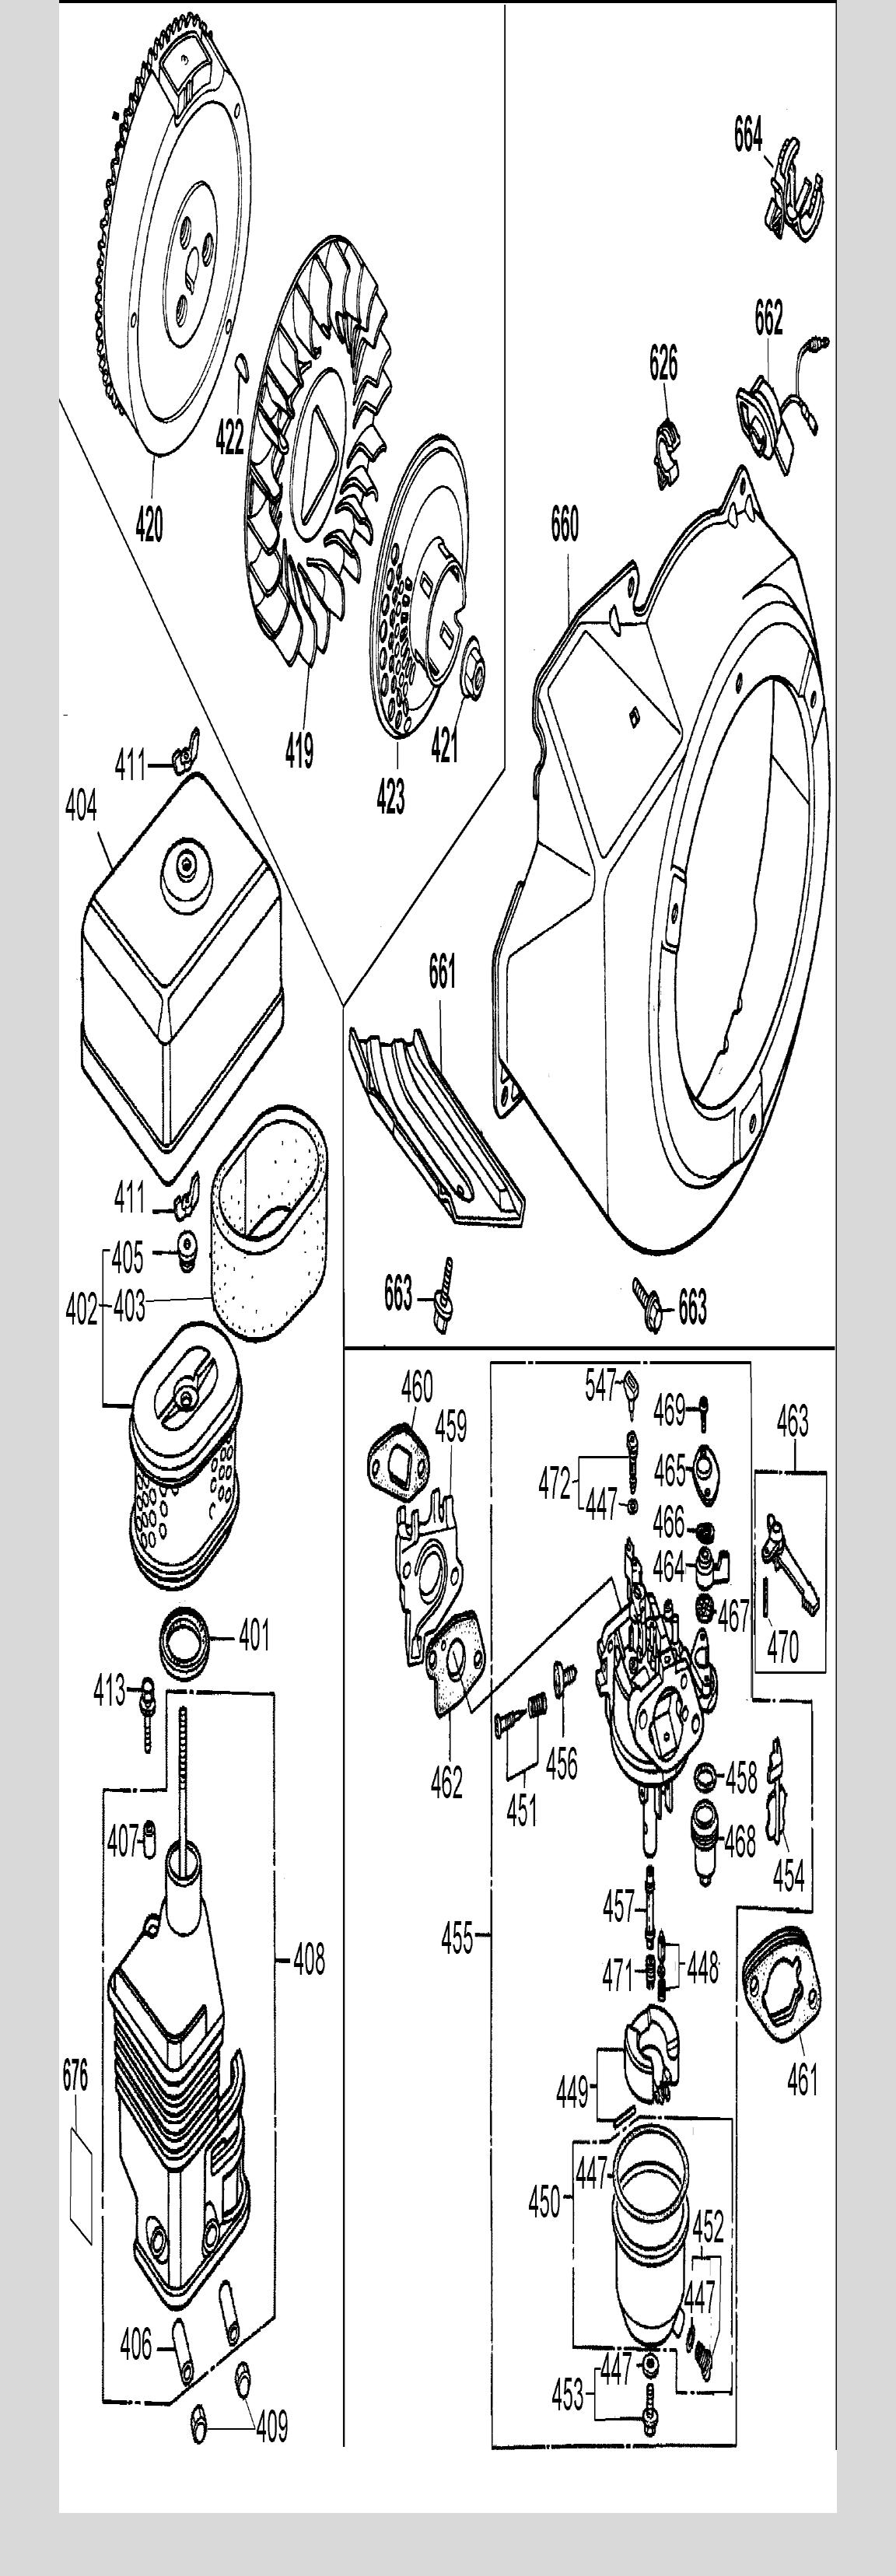 D55271-T4-Dewalt-PB-4Break Down